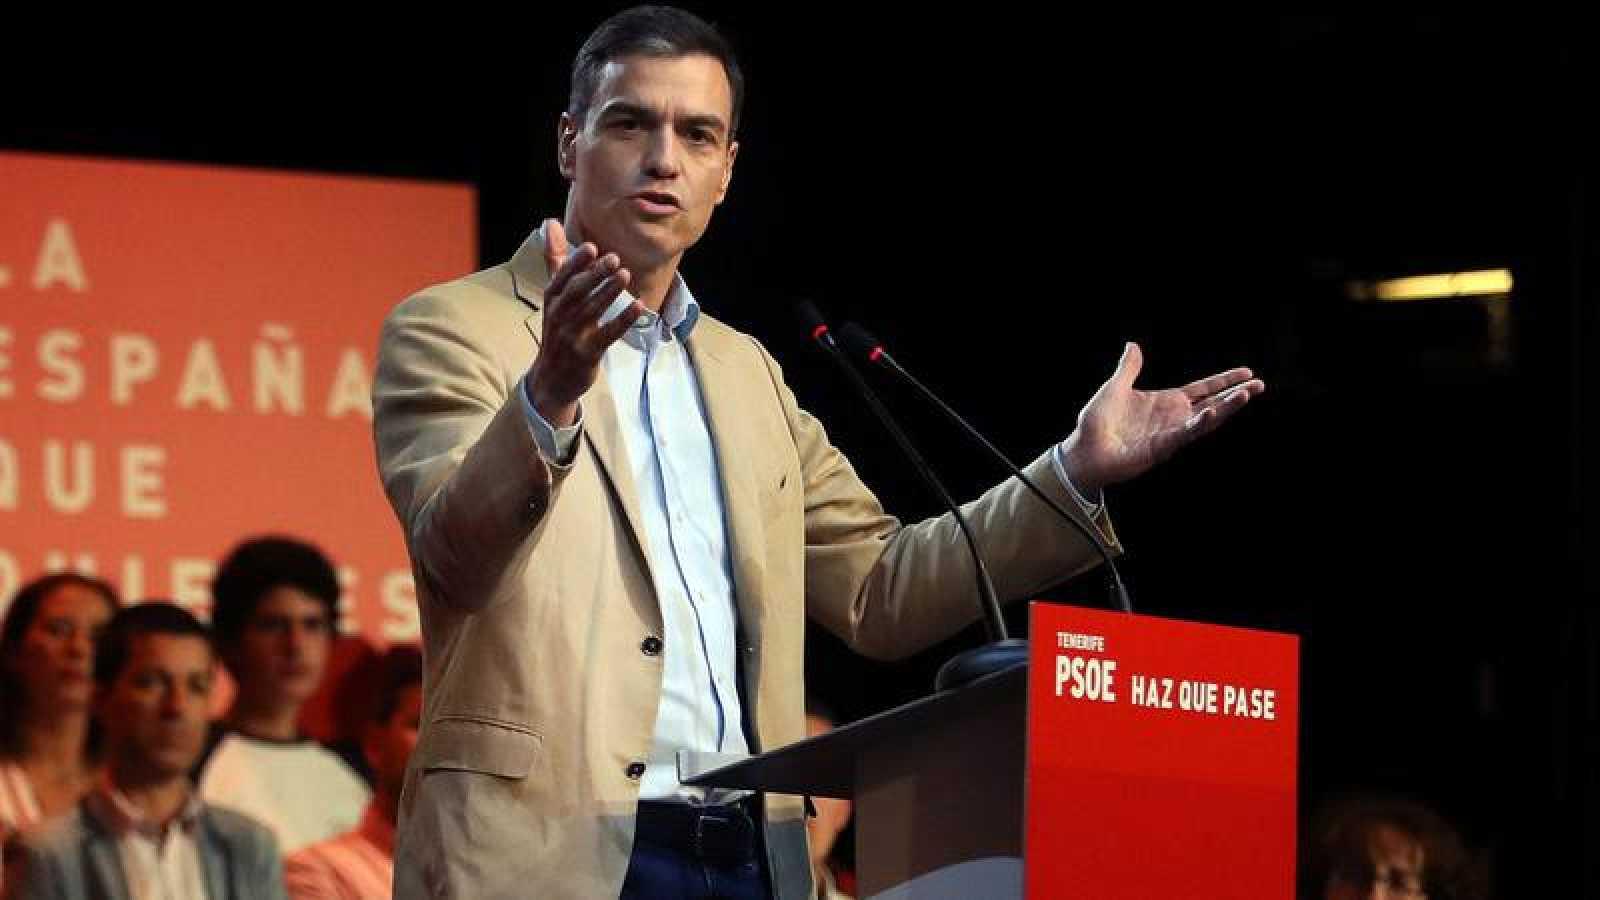 El presidente del Gobierno, Pedro Sánchez durante un mitin en Tenerife